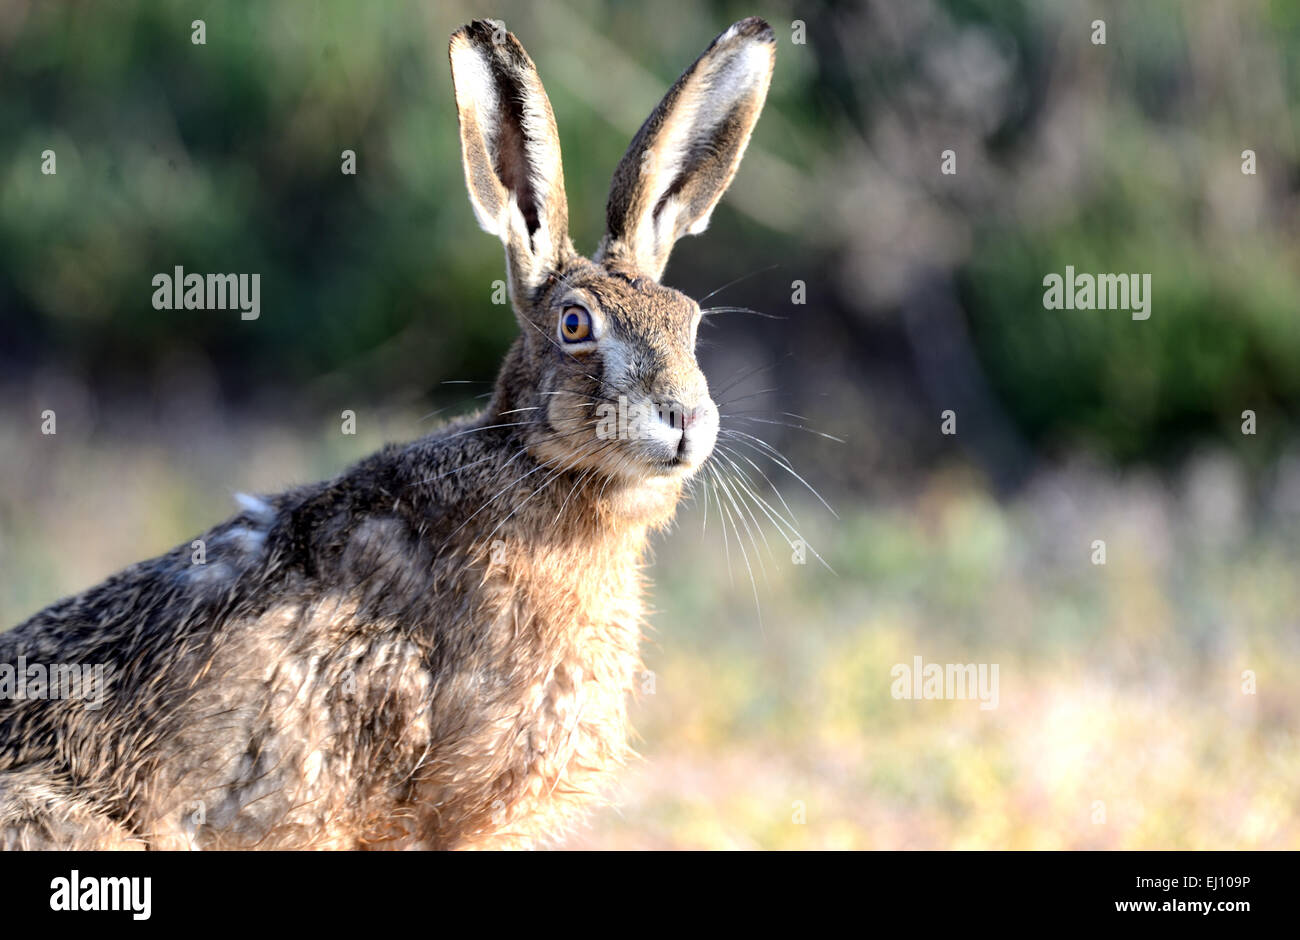 Lepre, coniglio, Lepus europaeus Pallas, campo lepre, il roditore, natura, animali selvatici, gioco, animale, Immagini Stock